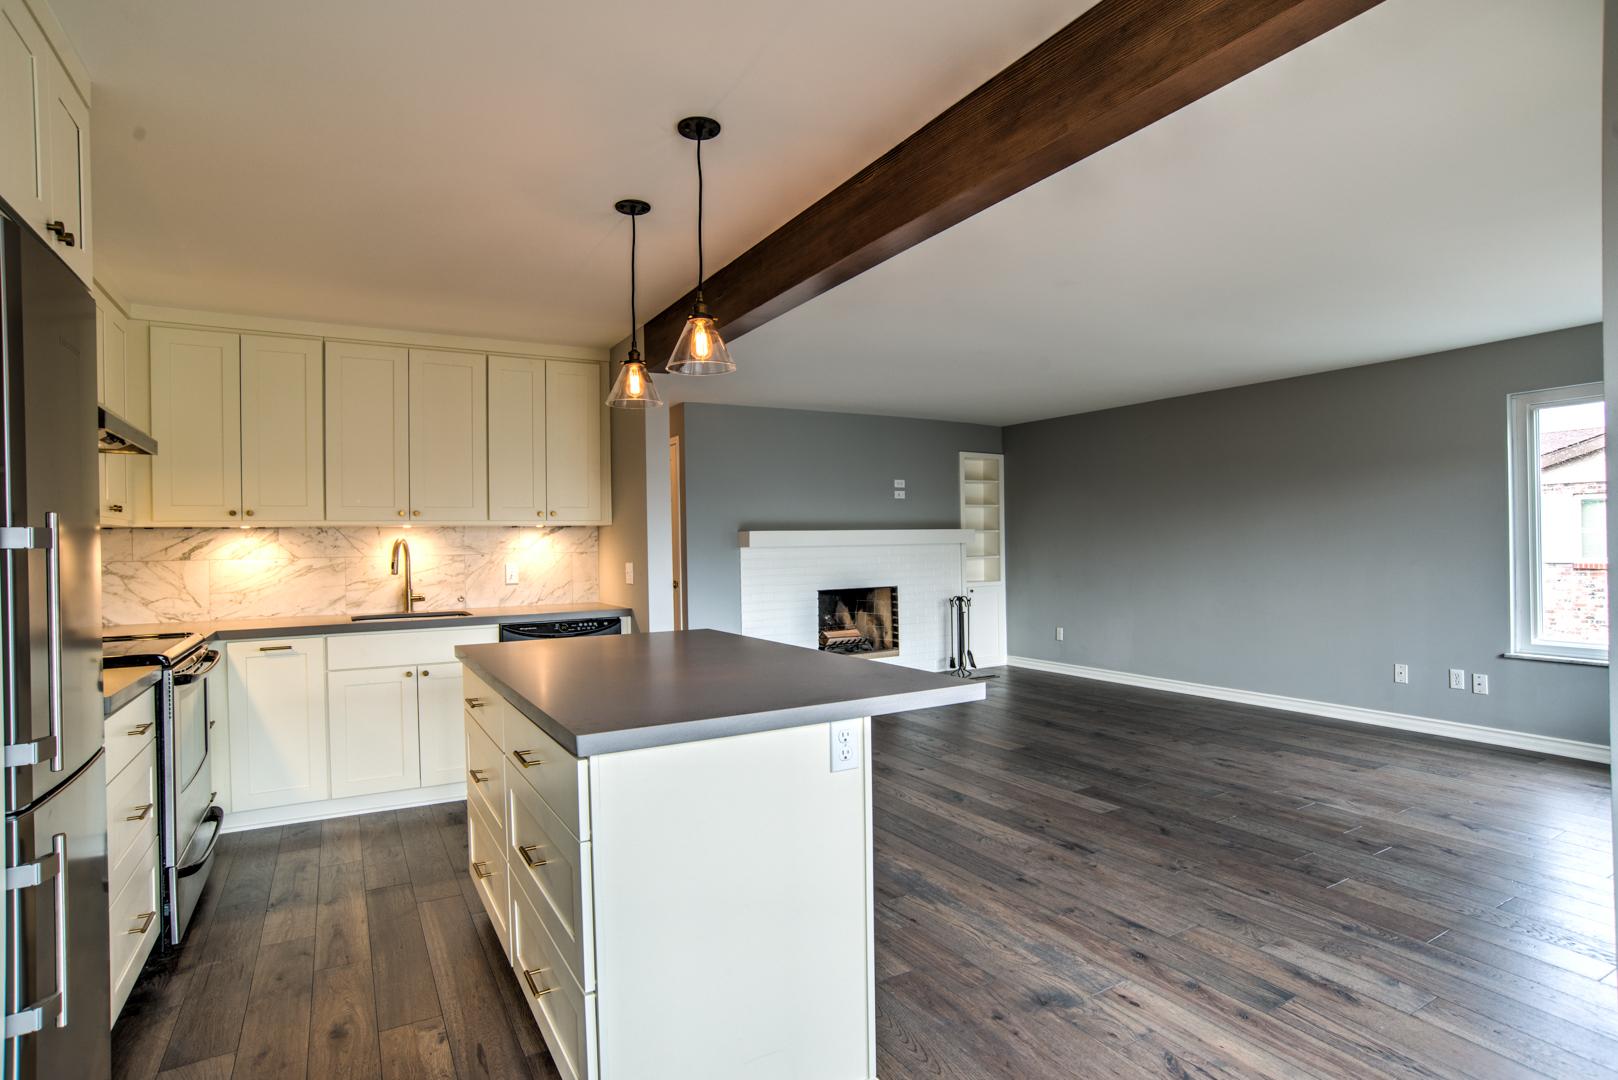 estimating kitchen remodel costs real finance guy. Black Bedroom Furniture Sets. Home Design Ideas